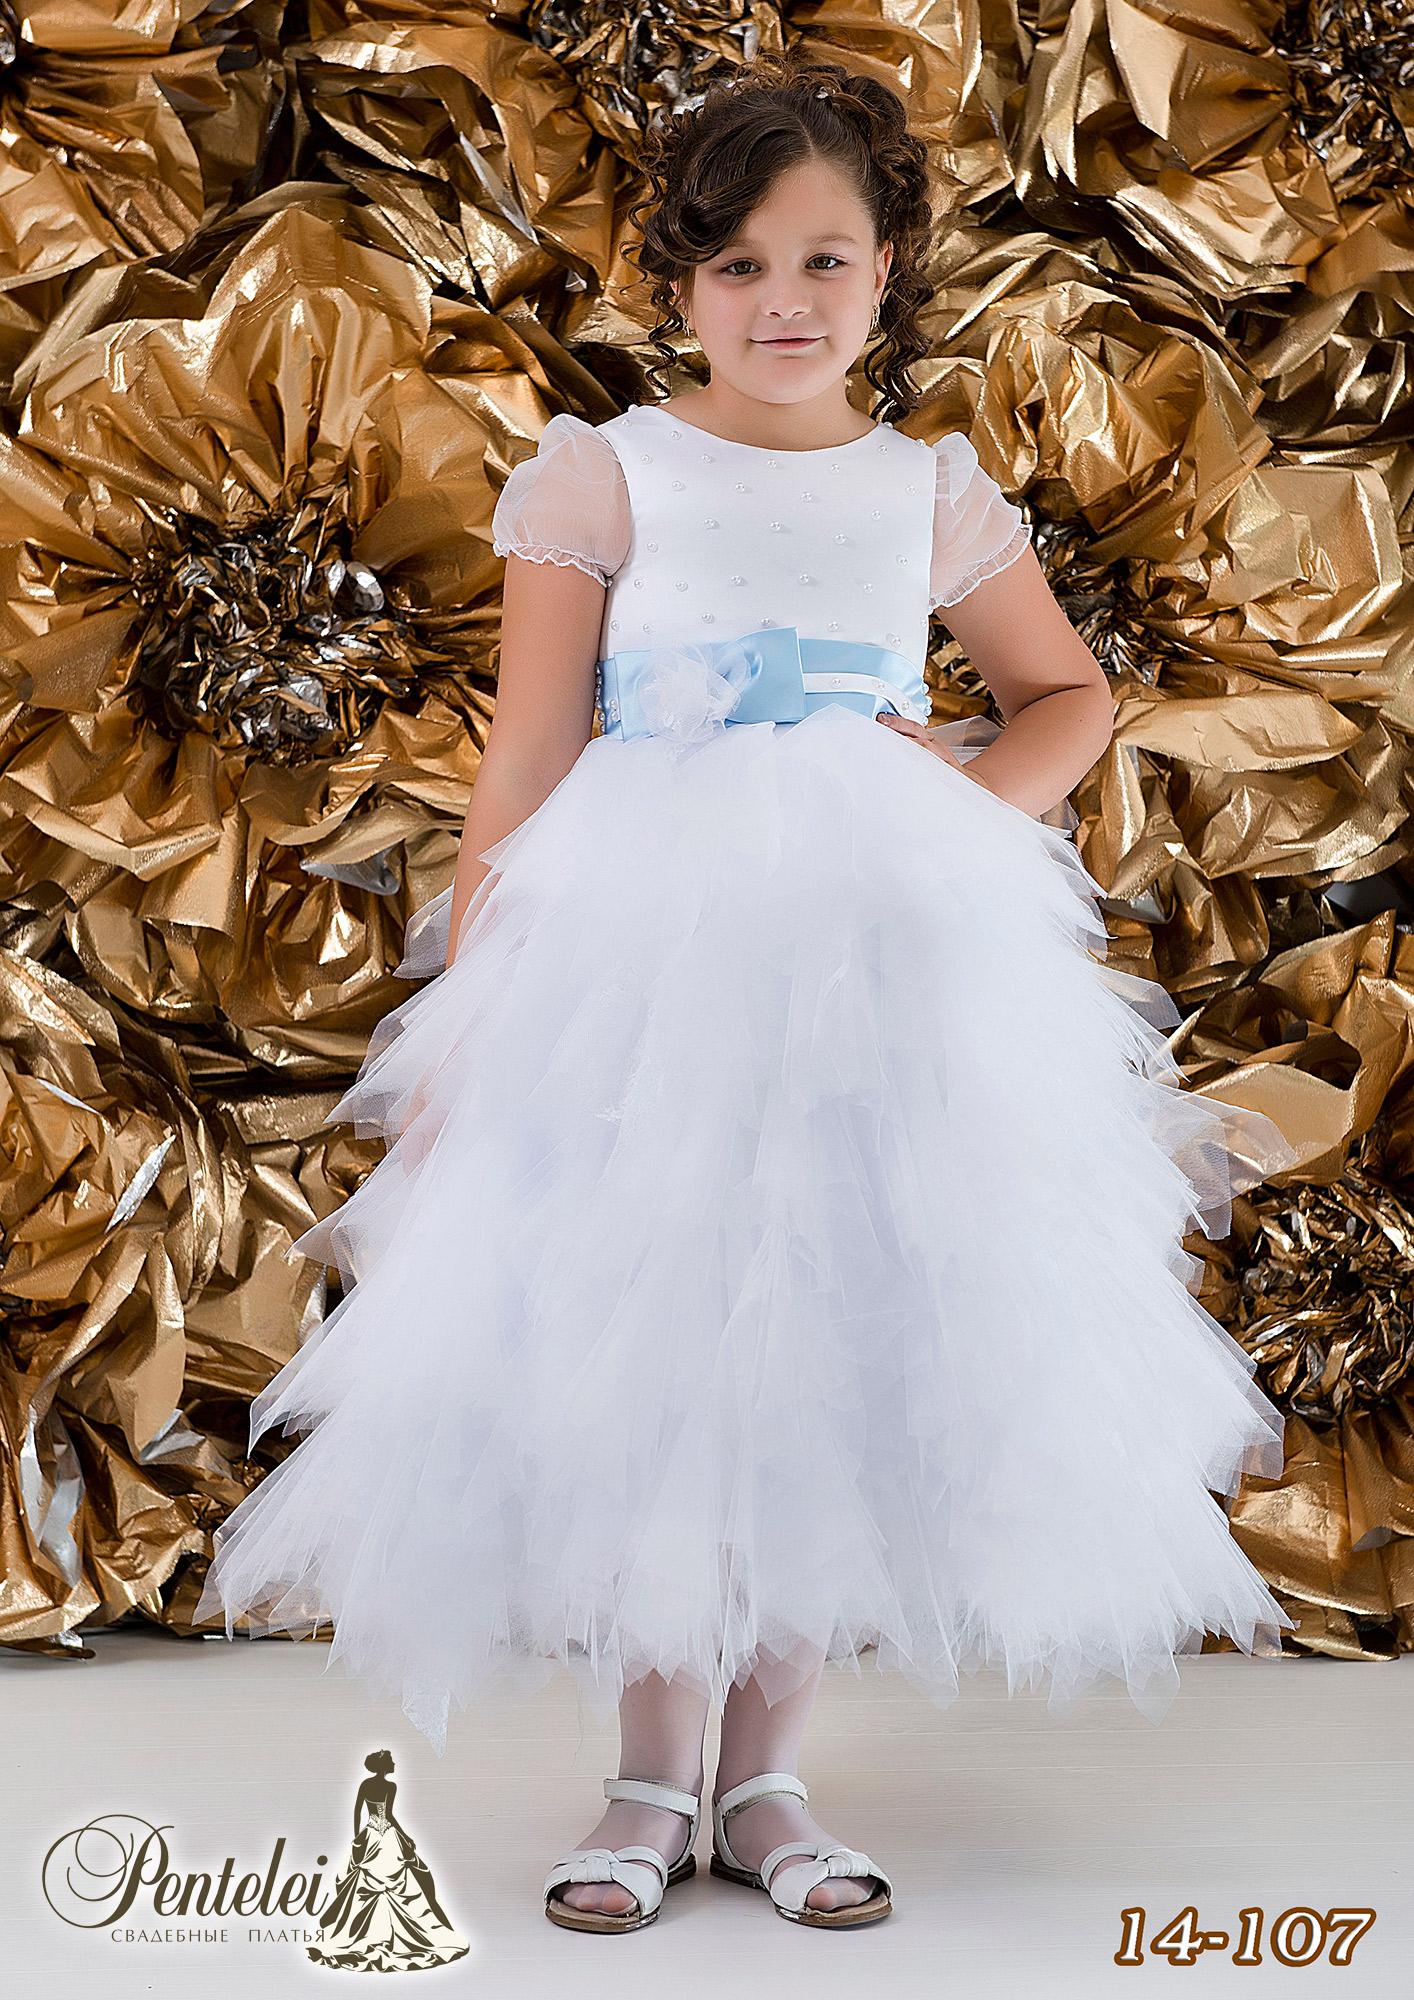 14-107 | Купити дитячі сукні оптом від Pentelei